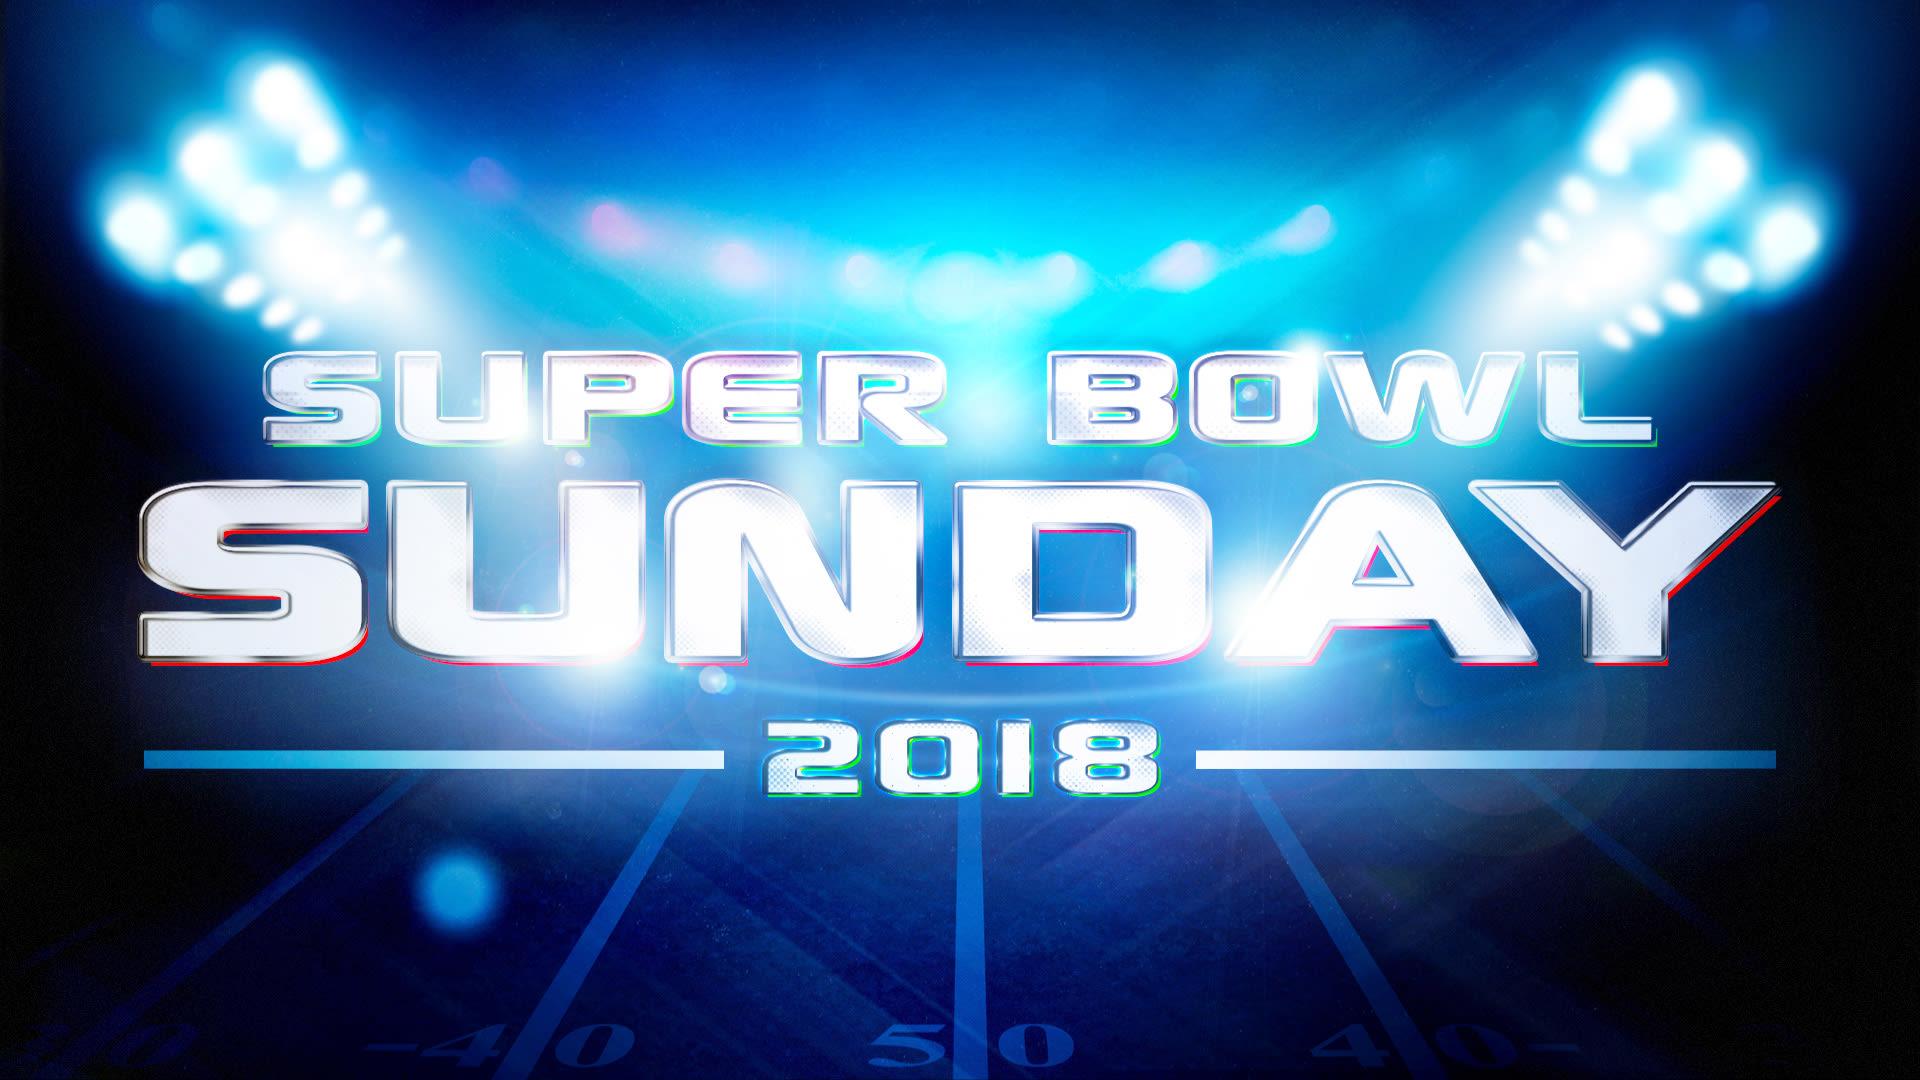 Super Bowl Sunday 2018